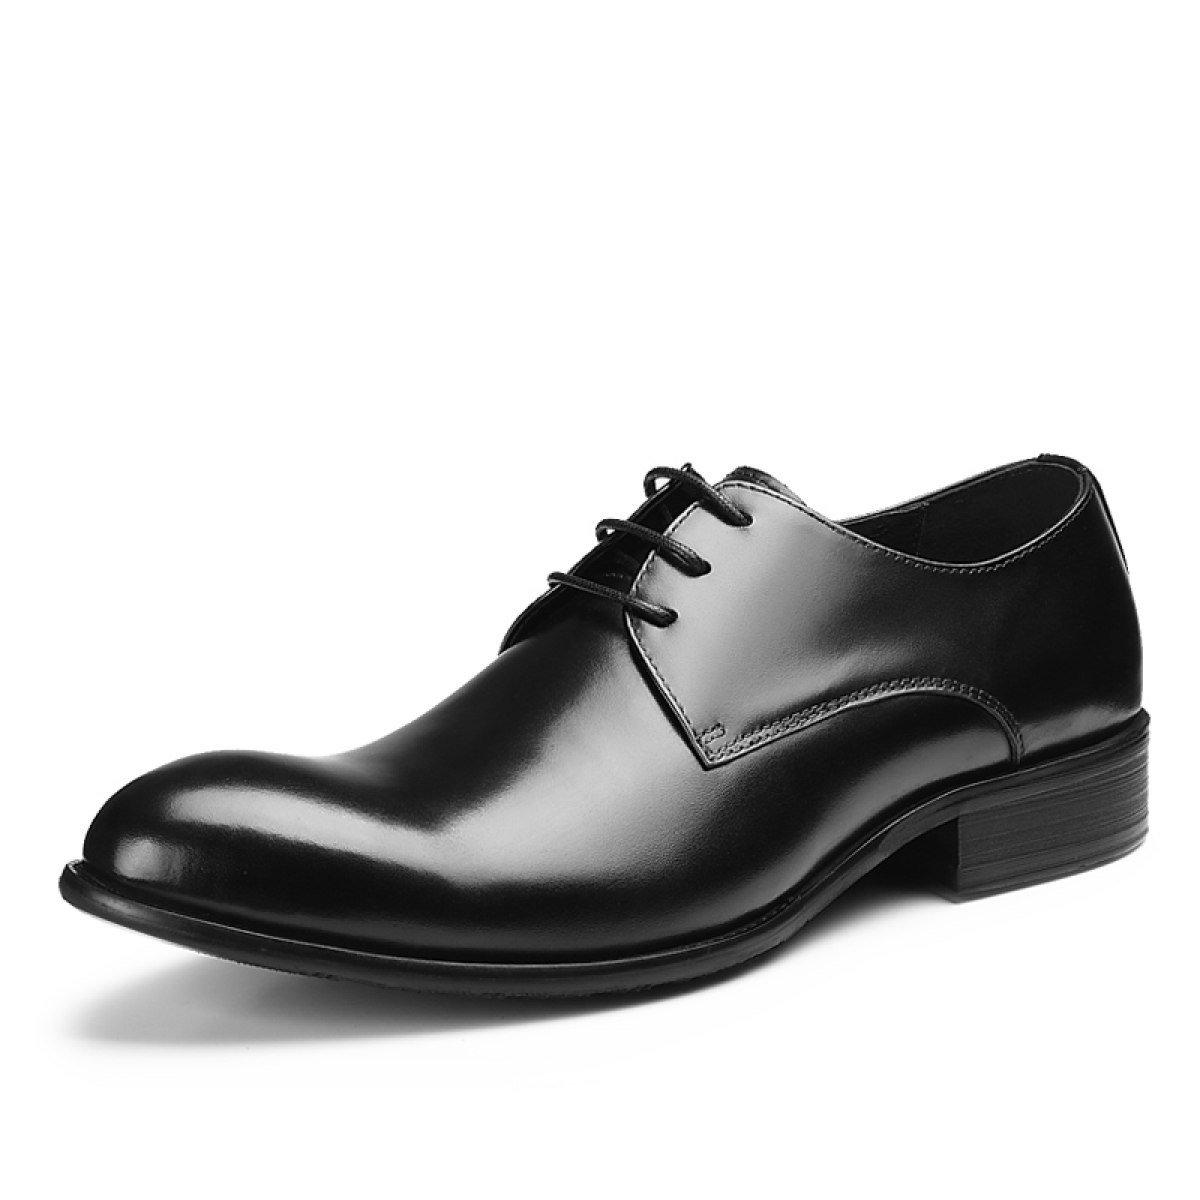 GRRONG Mauml;nner Mode-Business Kleid Schuhe Bequem Atmungs Bankett Schuhe  44|Black